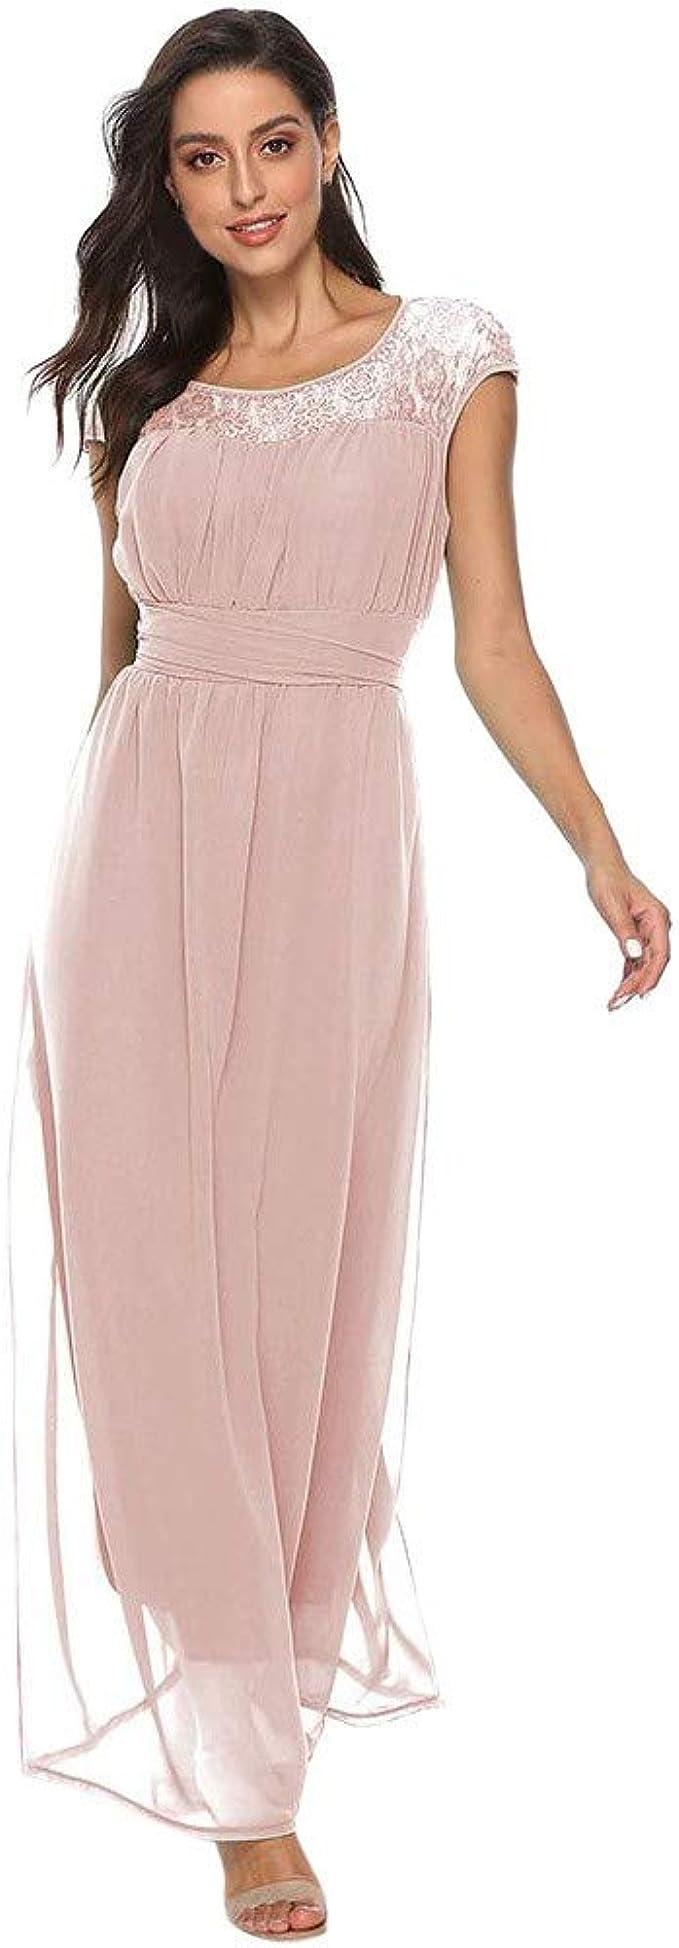 Lulupi Elegant Abendkleid Damen Lang,Spitzenkleid Rundhals